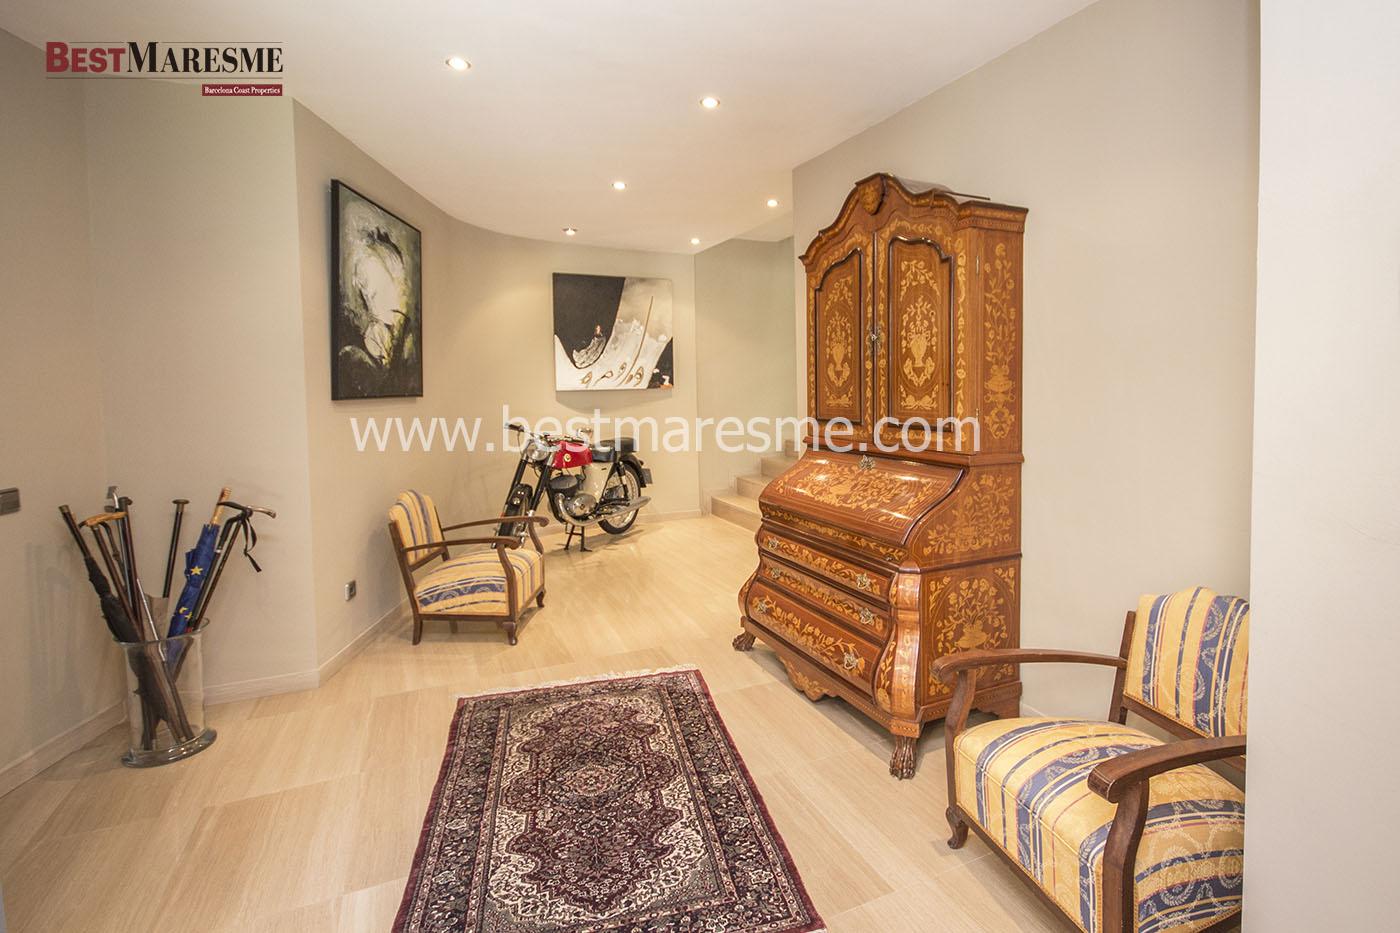 Affitto Casa  Calle santa joaquima, 23. Espectacular casa de estilo mediterráneo